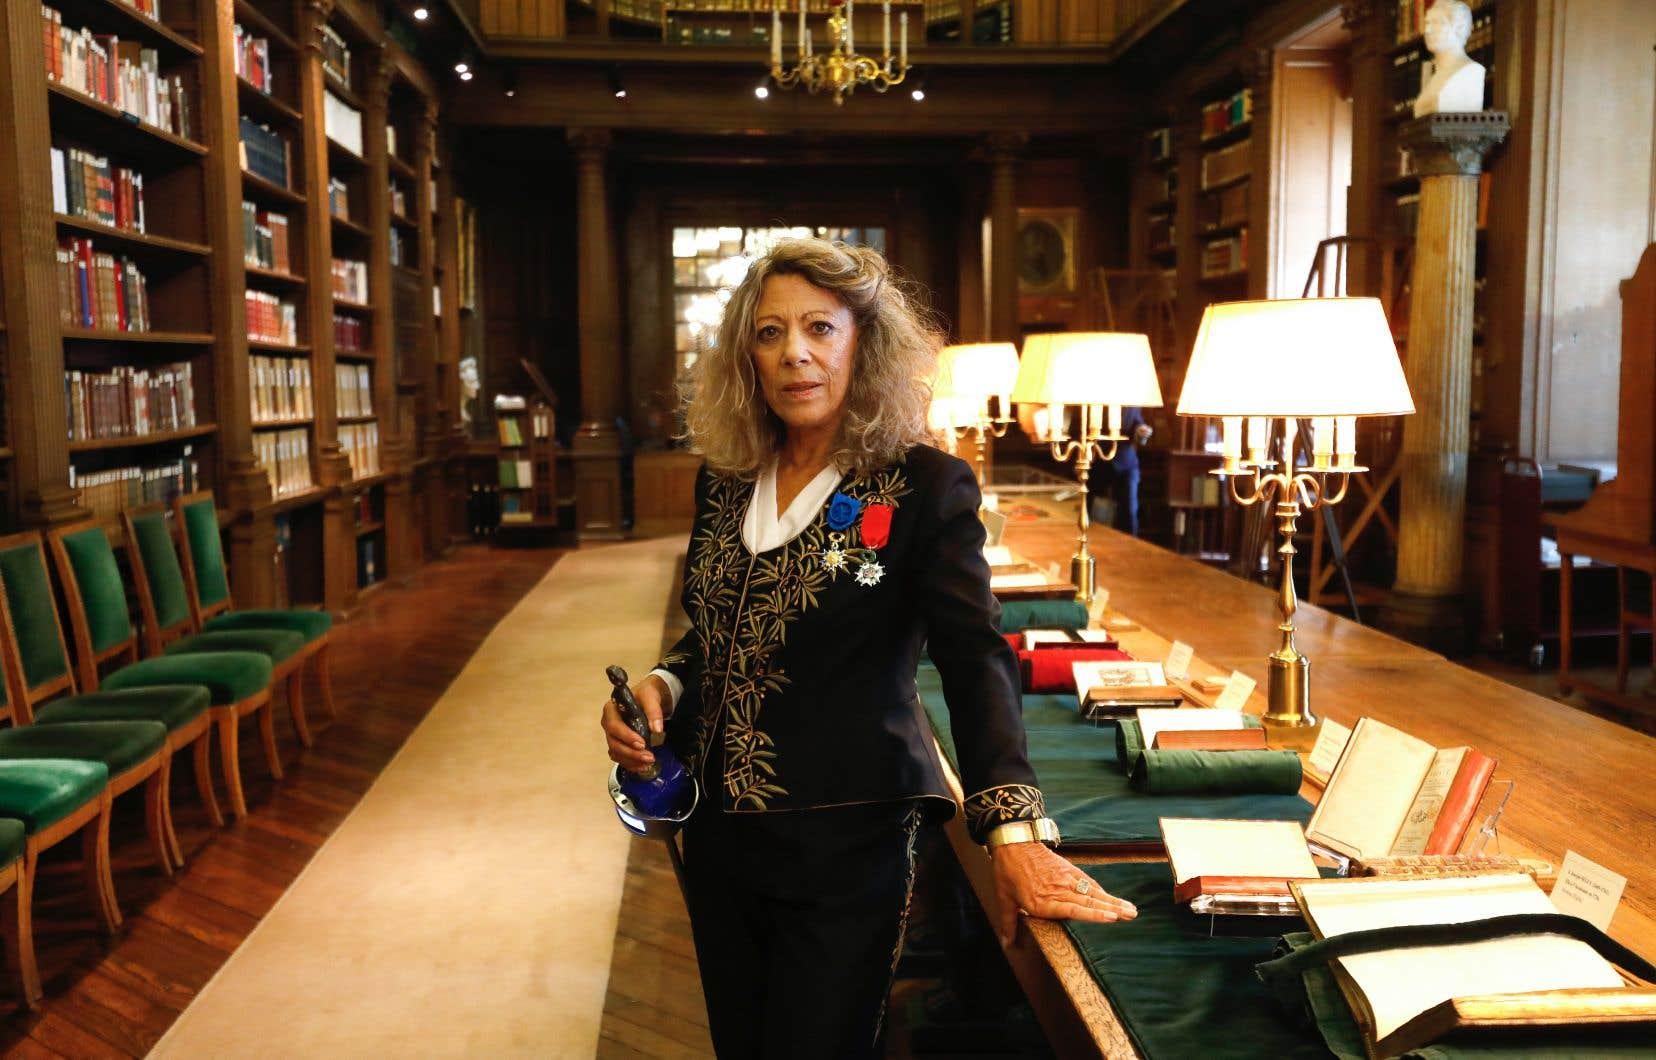 Dernière femme accueillie à l'Académie française, la philologue Barbara Cassin avait profité de son discours inaugural pour fustiger en octobre le <em>Global English</em>.